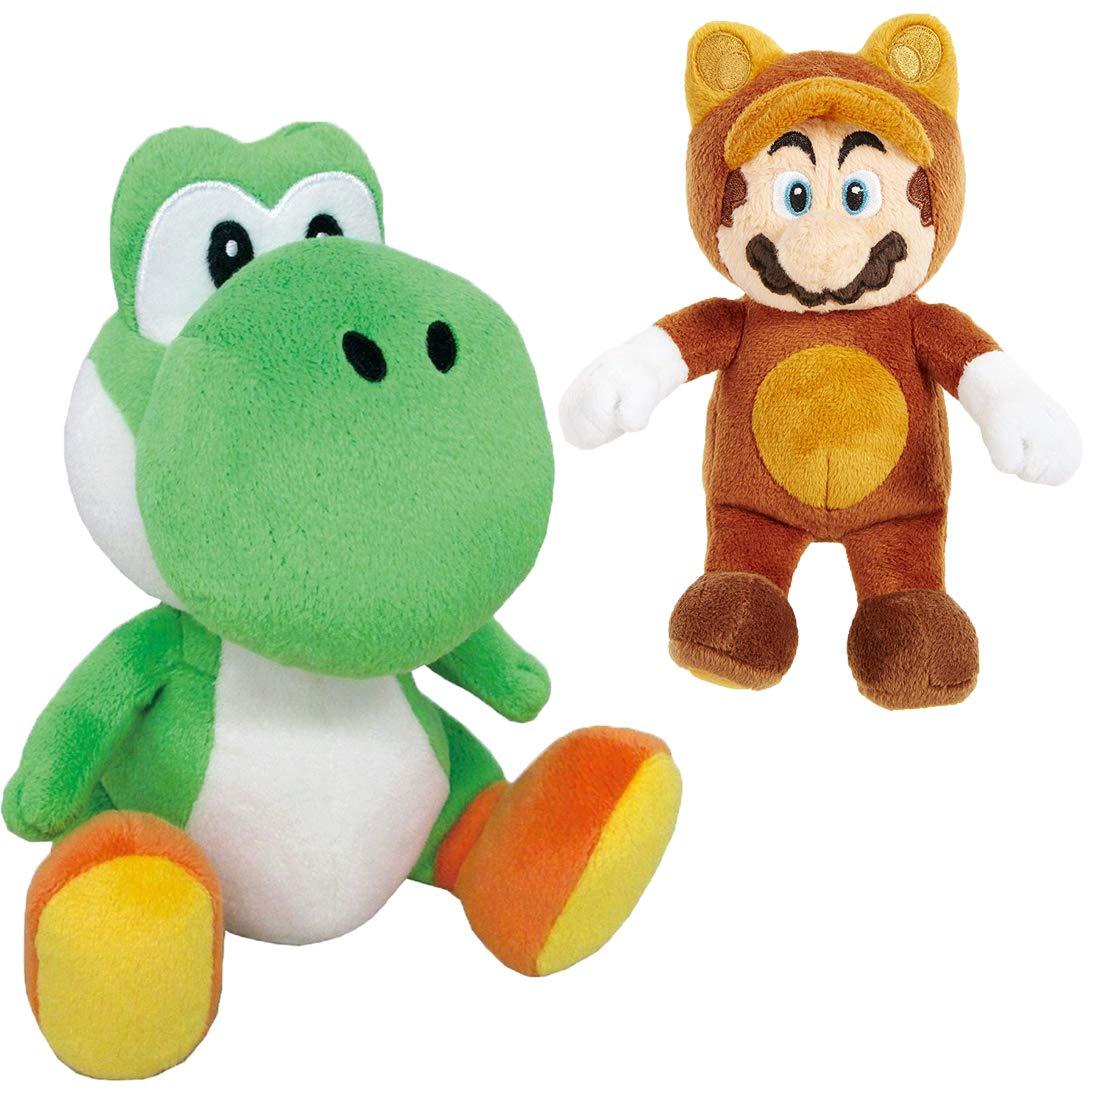 Jumbo Green Yoshi 12'' with Tanooki Mario 8'' Plush Bundle